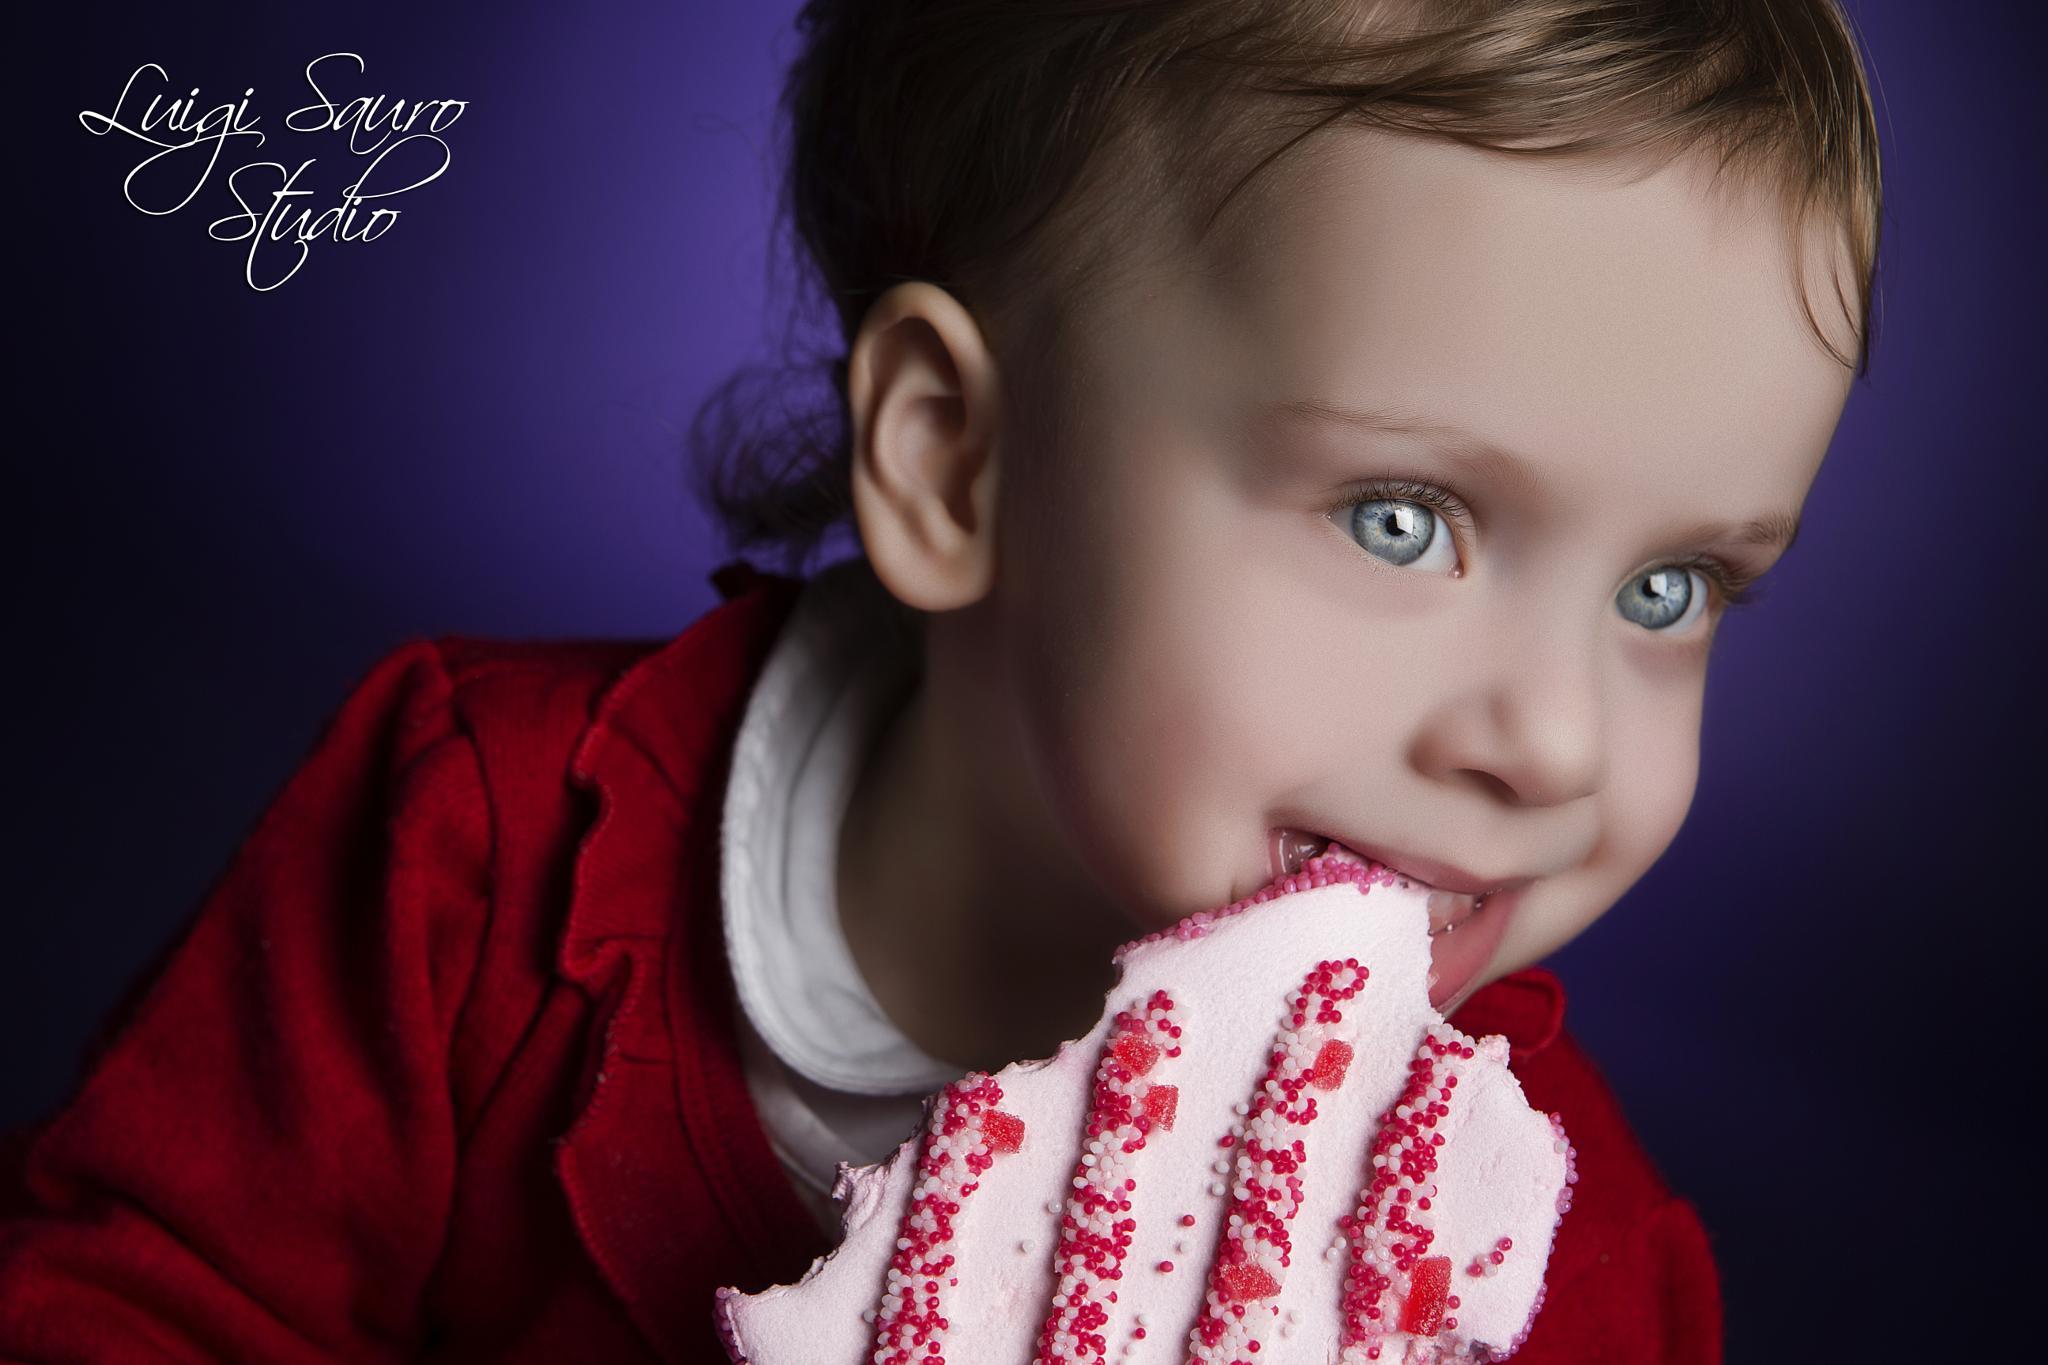 Sofia vs Marshmellow by Luigi Sauro Photographer Studio